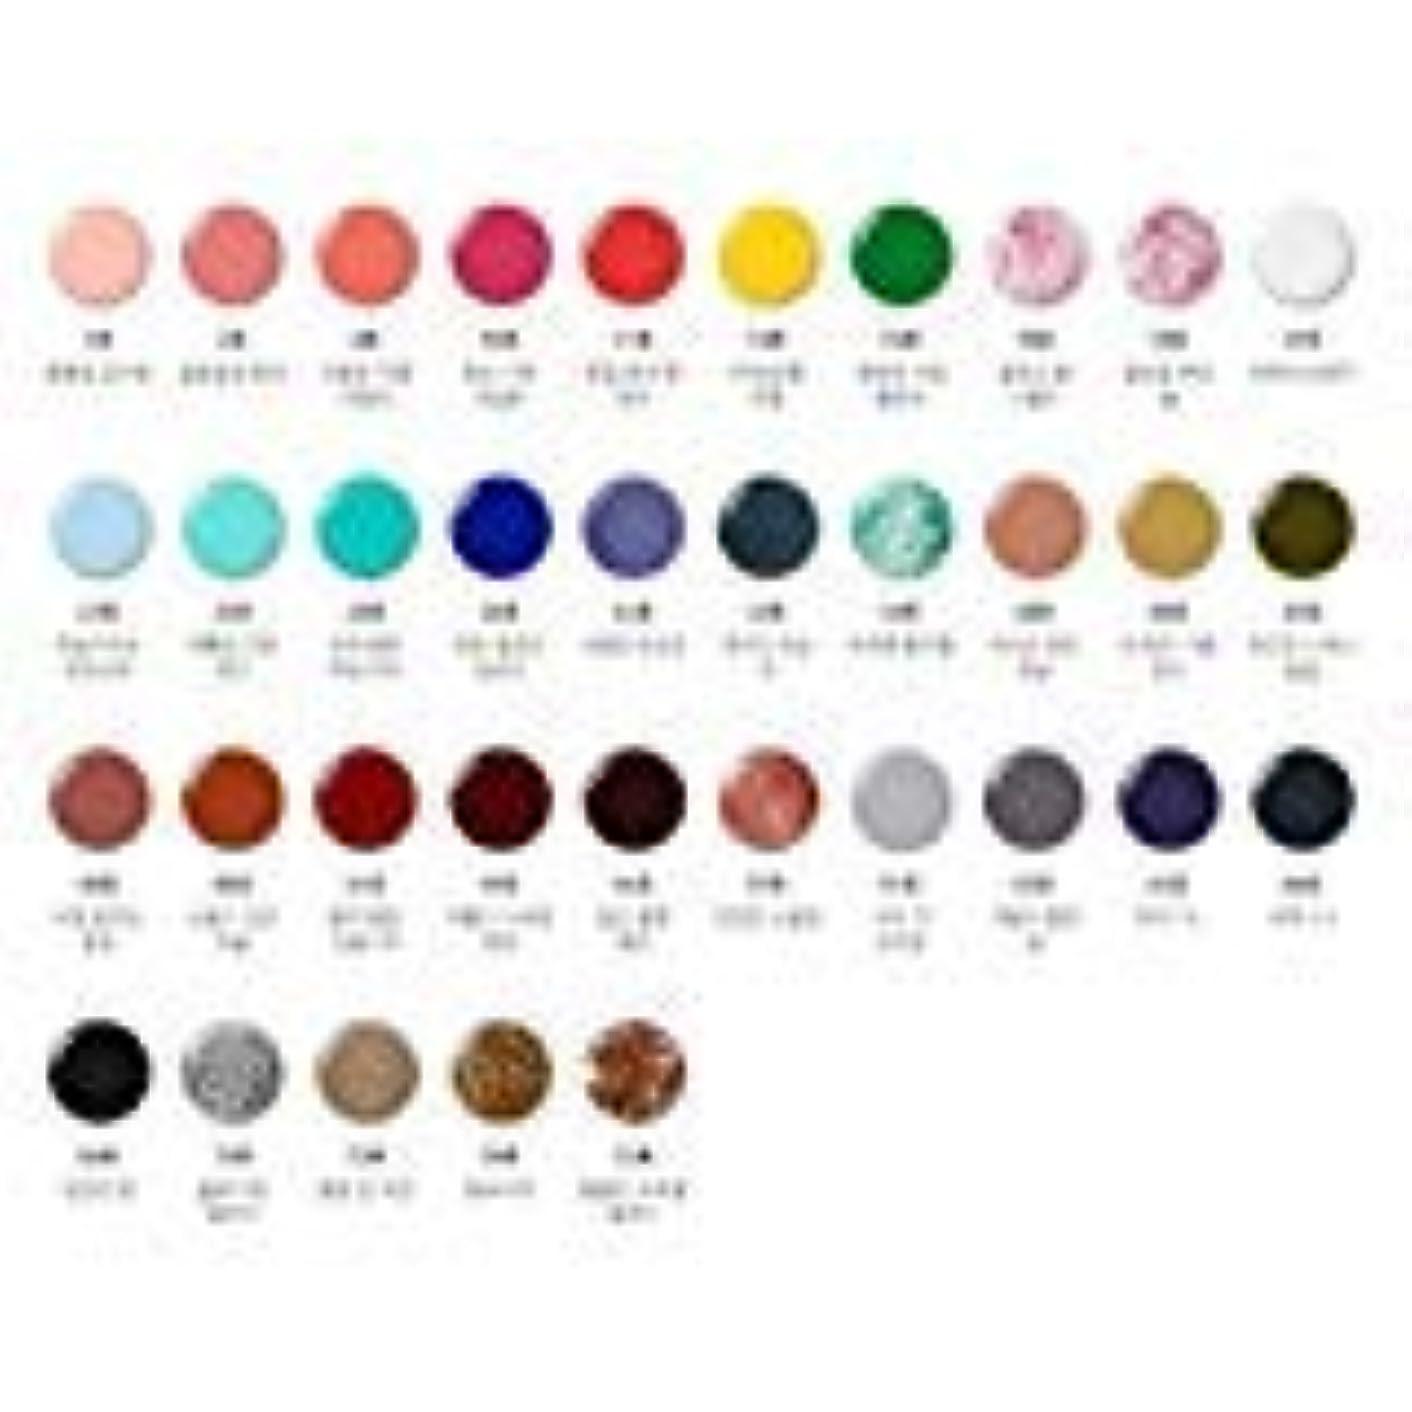 振りかける七面鳥テラス[イニスフリー.innisfree]リアルカラーネイル6mL(2019 new)/ Real Color Nail_美しい自然からインスピレーションを受けた鮮やかなカラー感の高発色高光沢ネイルカラー (#51)